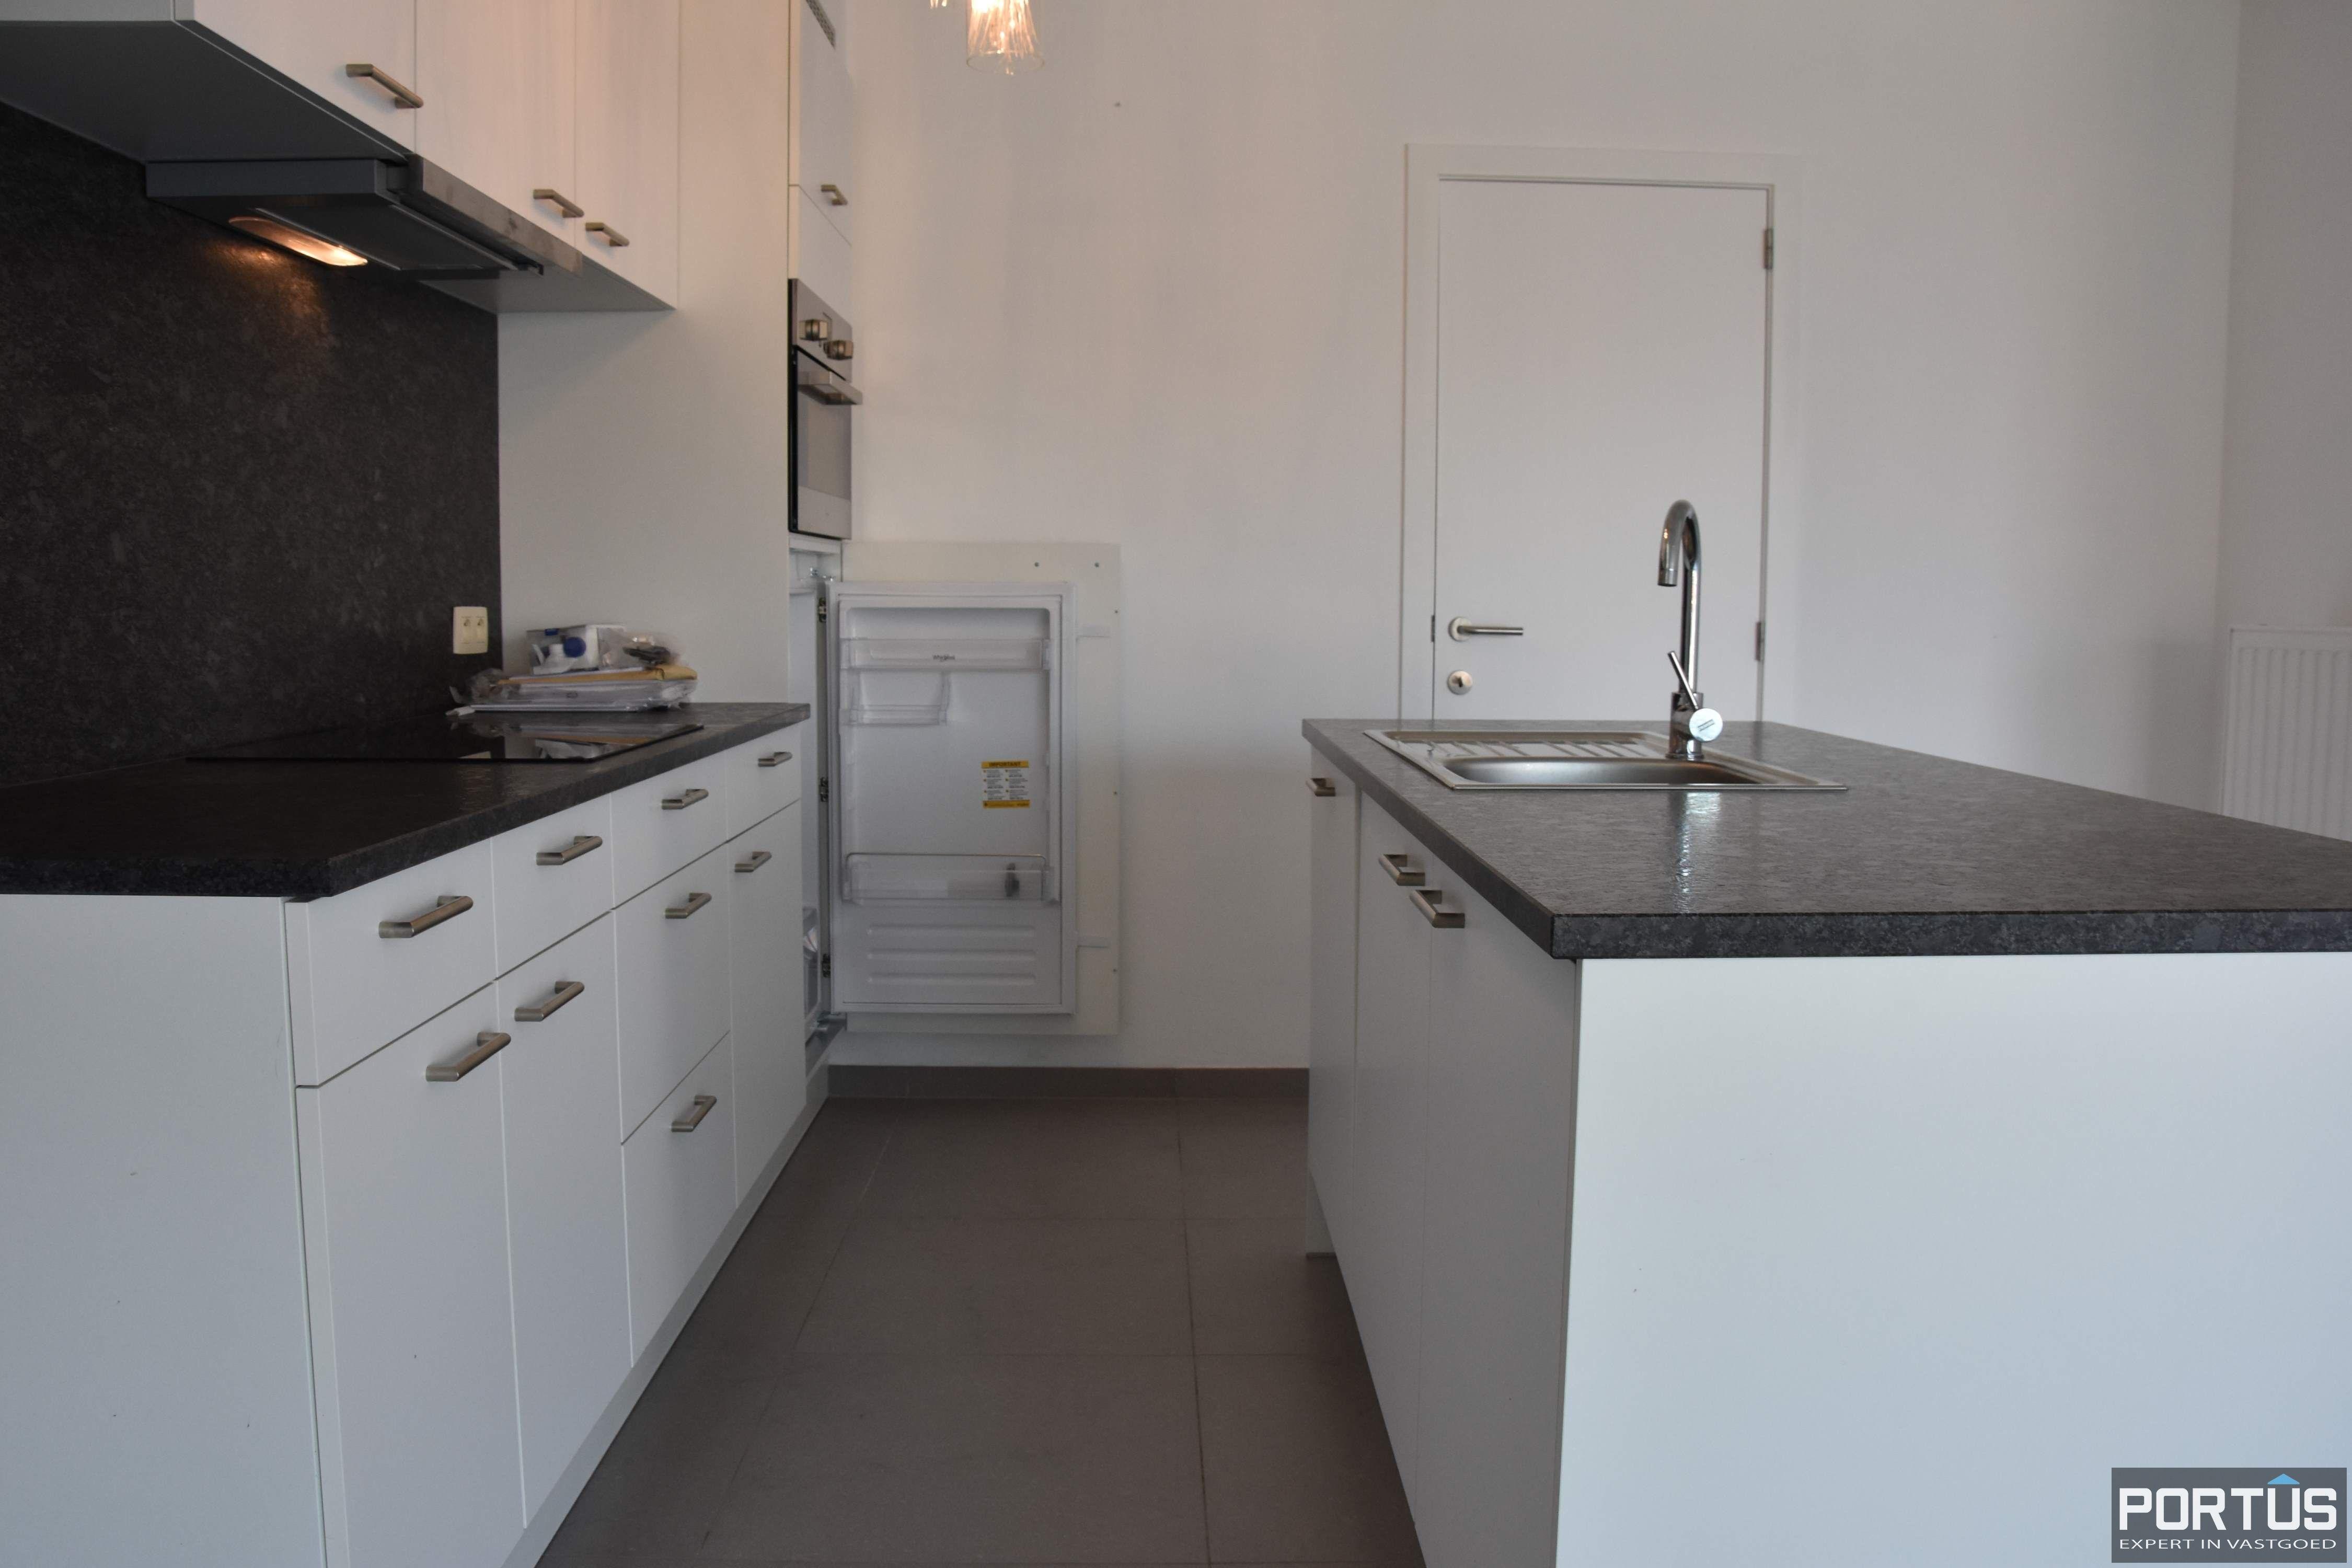 Recent appartement te huur met 3 slaapkamers, kelderberging en parking - 13807